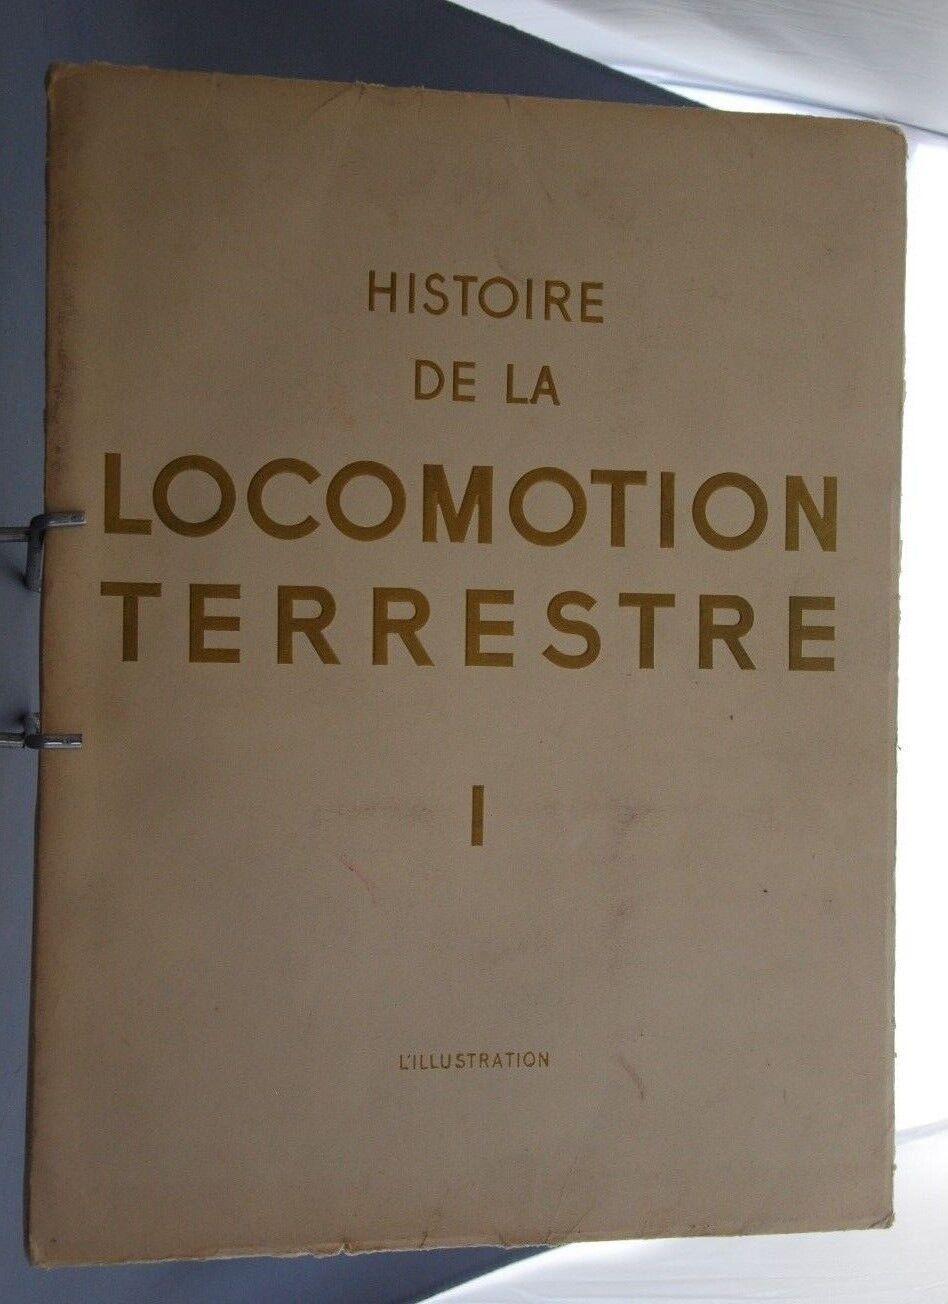 NB GAZZETTA L'ILLUSTRAZIONE HISTOIRE LOCOMOZIONE TERRESTRE SENTIERI DE FER 1942